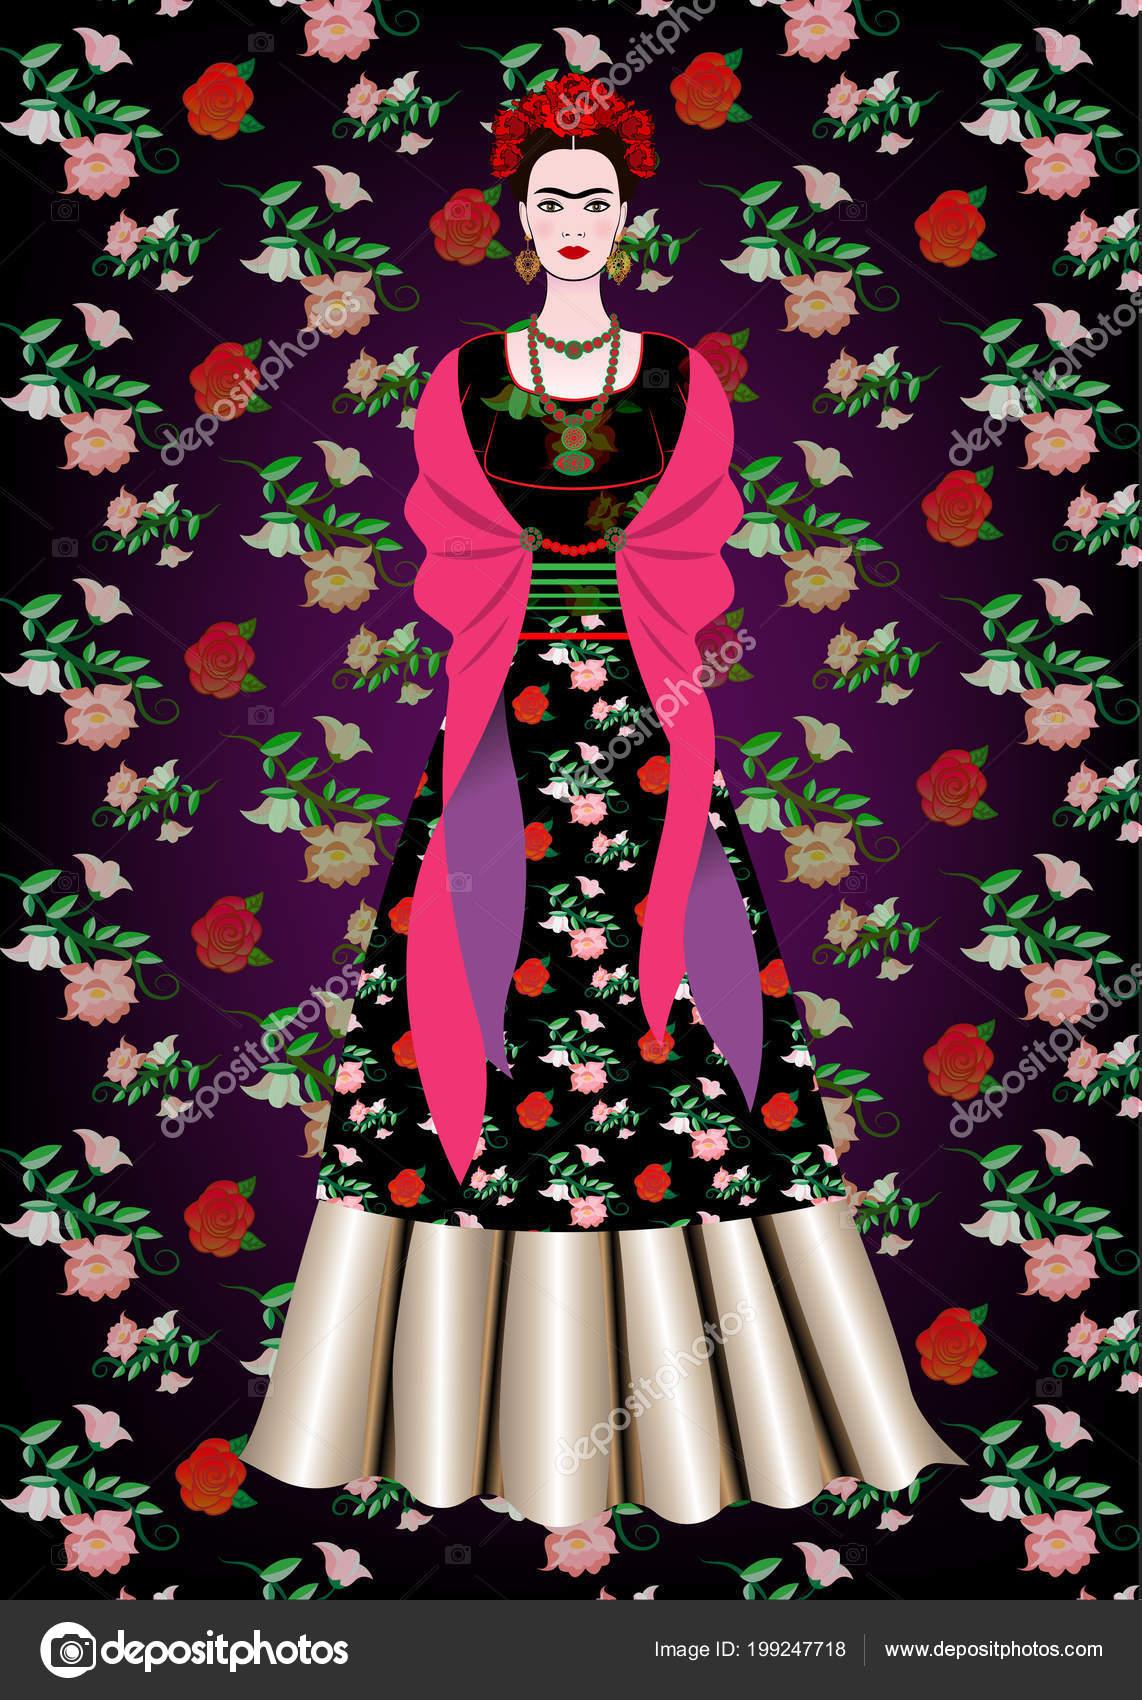 92e3f3fdca Retrato Vector Frida Kahlo Mujer Mexicana Con Peinado Tradicional Artesanías  — Archivo Imágenes Vectoriales